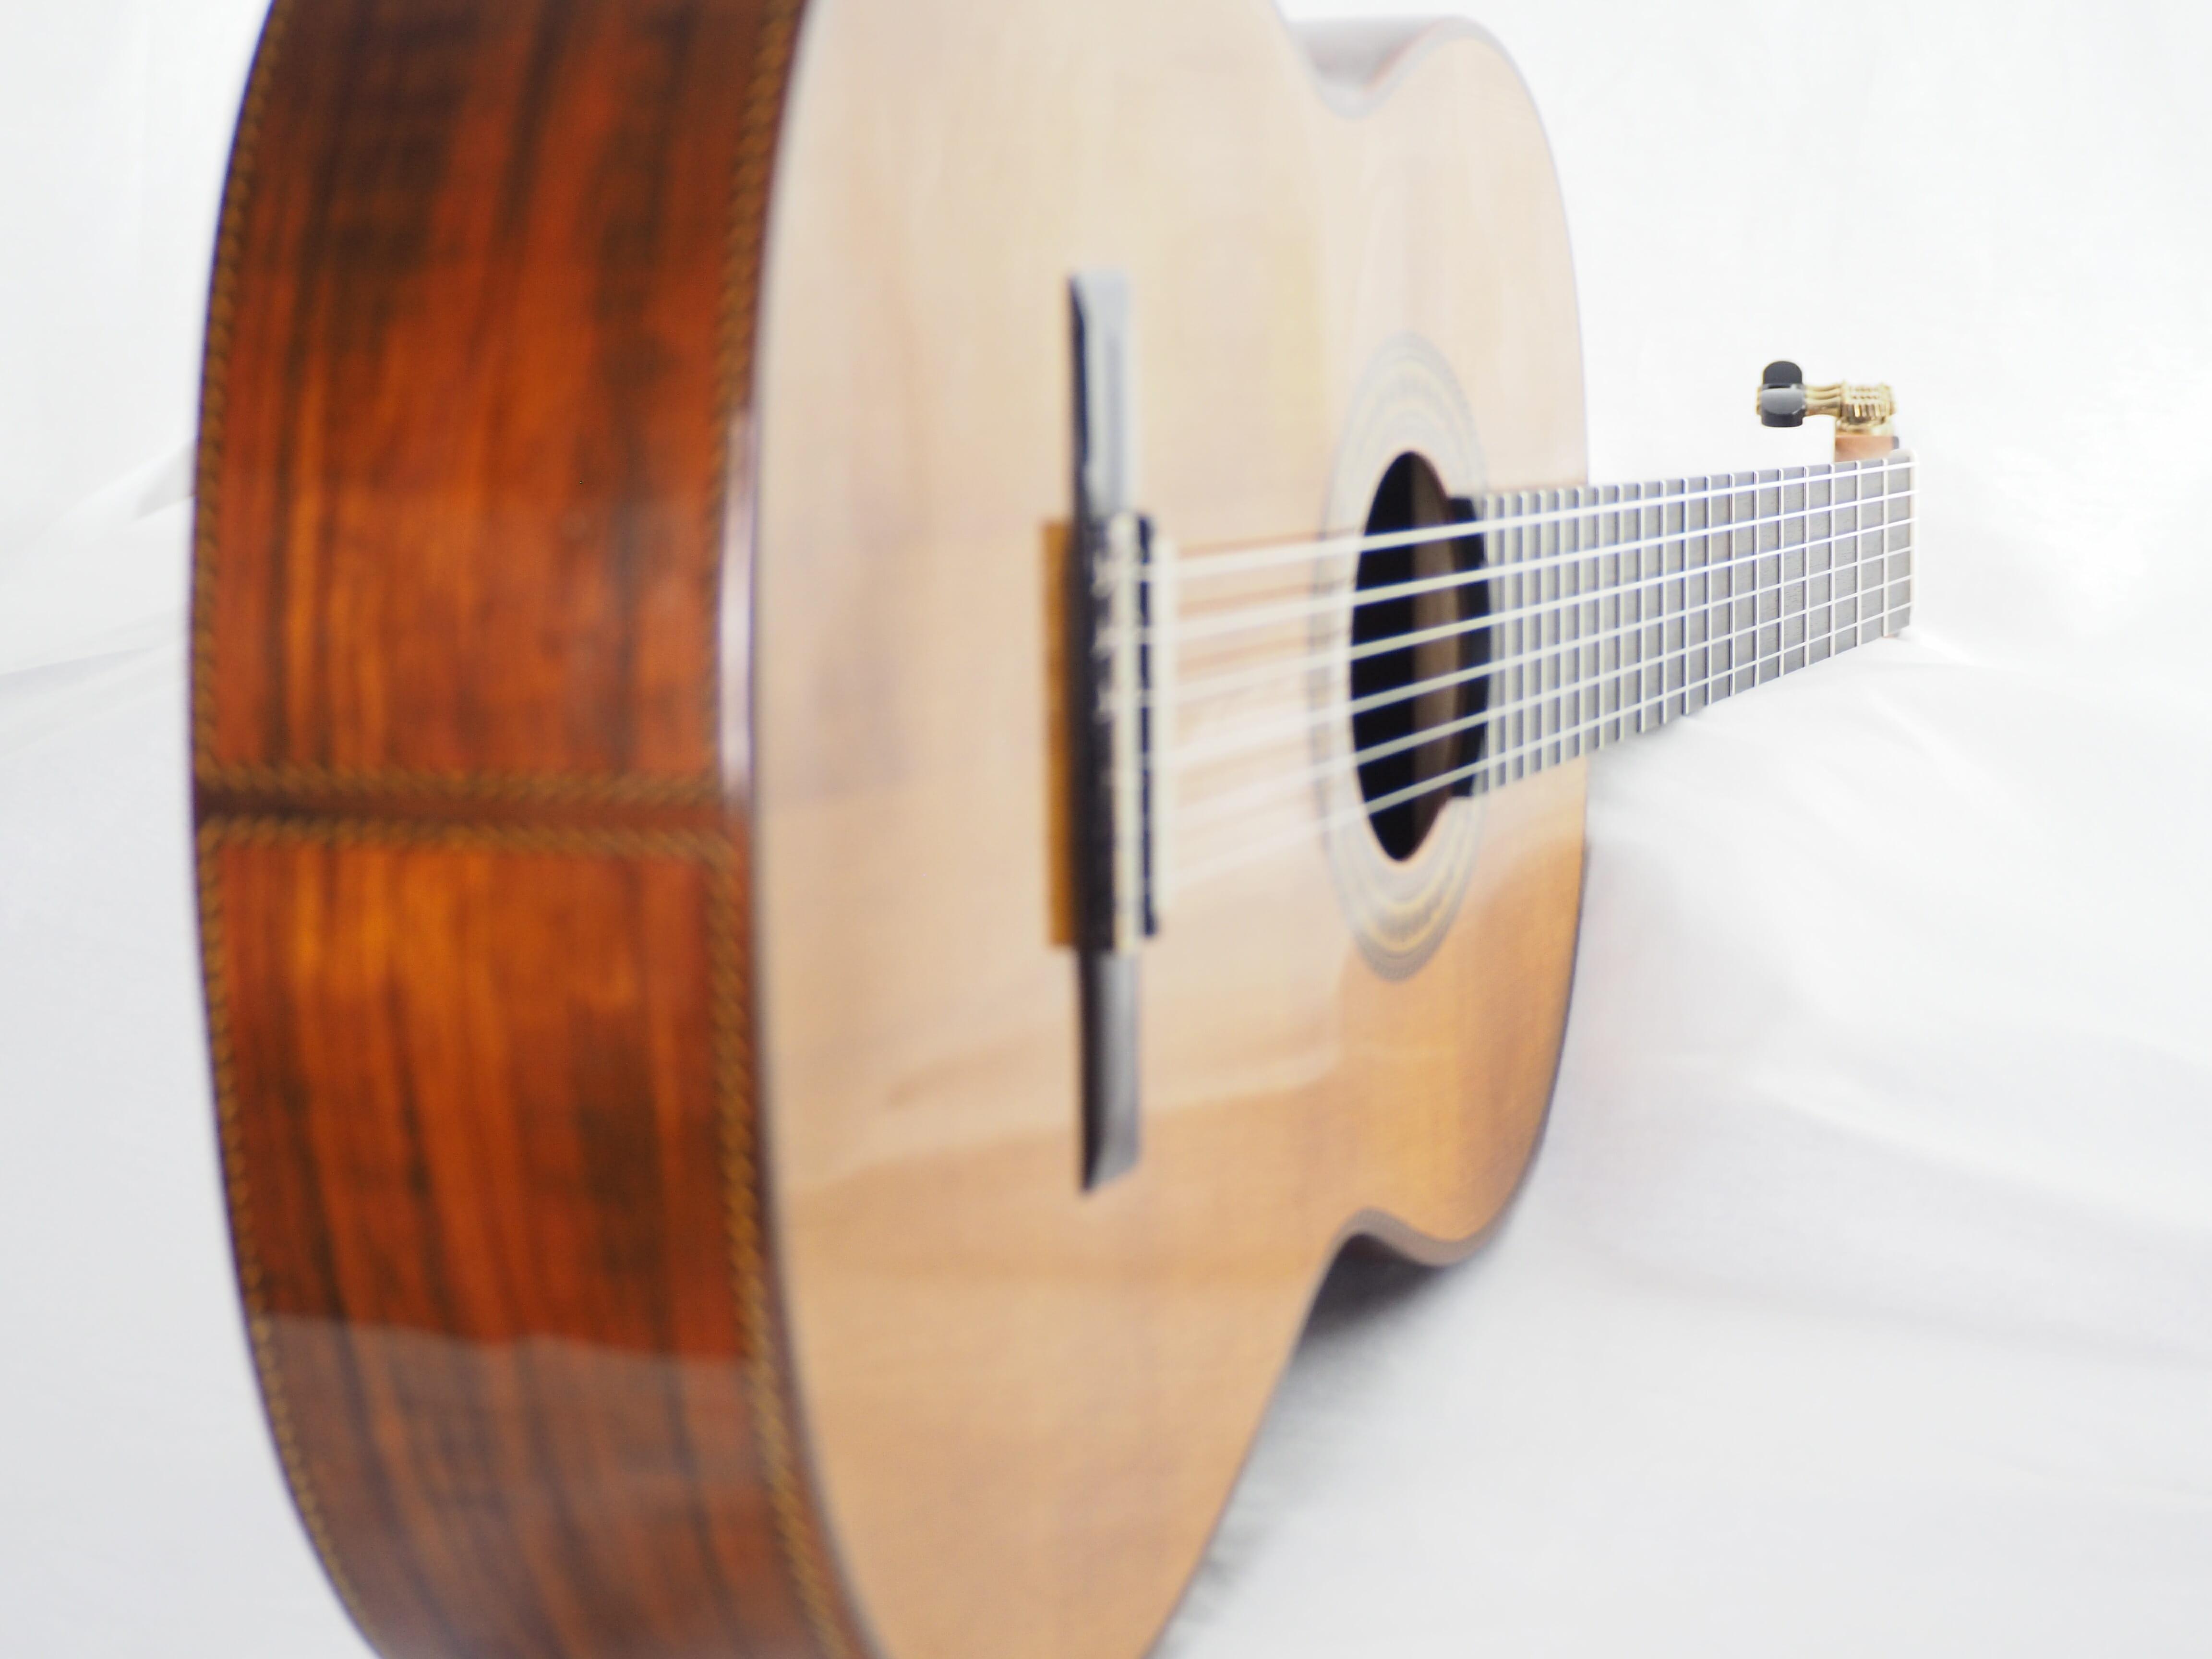 Dieter Hopf Portentosa evolucion 5045 guitare classique lattice luthier